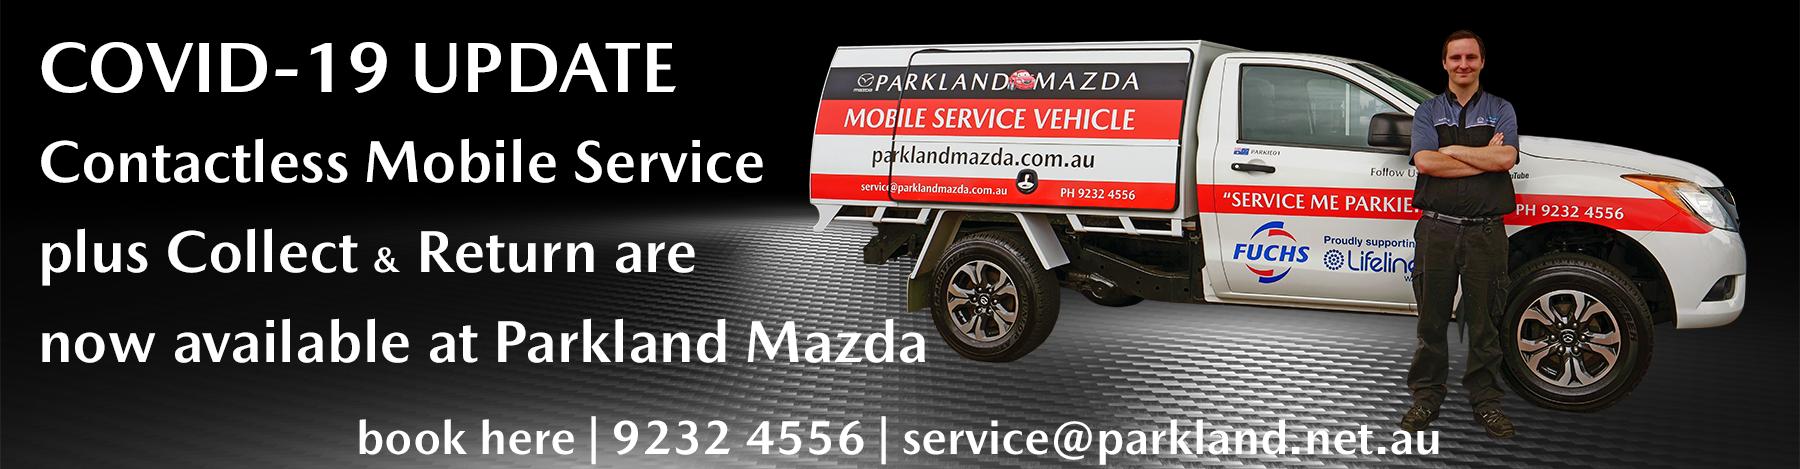 COVID-19 MOBILE SERVICE UPDATE